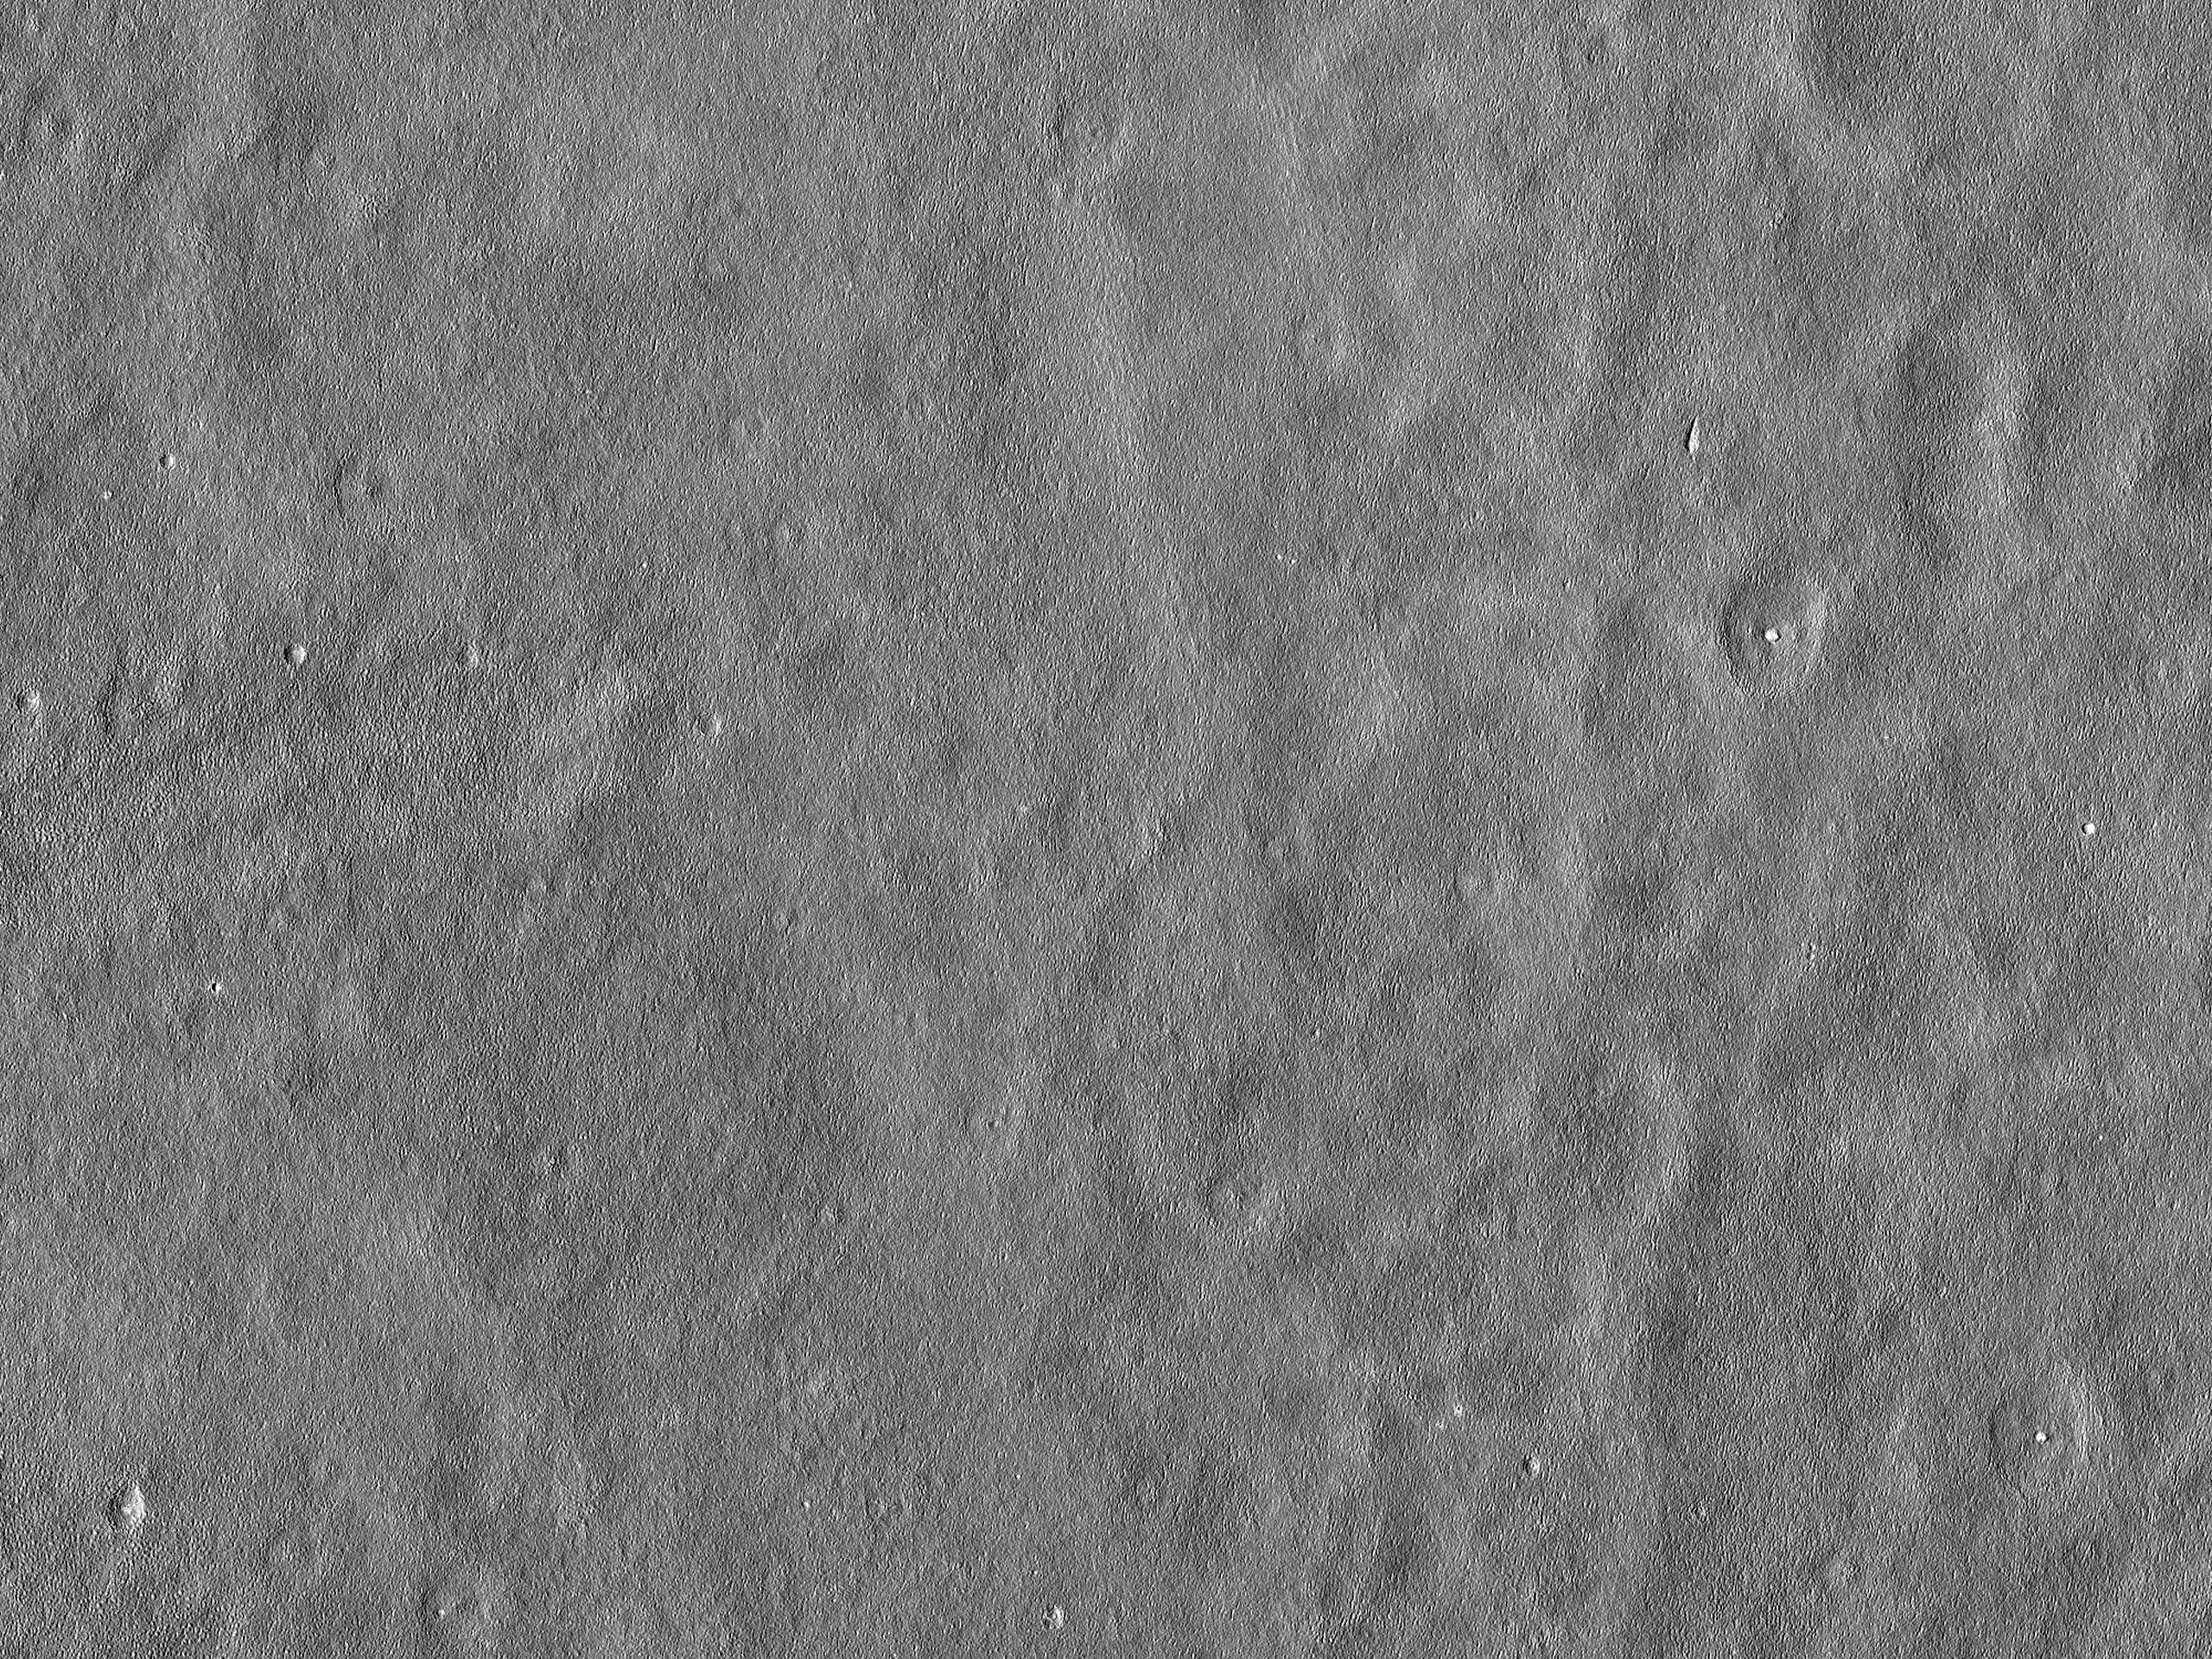 """מקום-נחיתה אפשרי של """"Red Dragon"""" במישור ארקאדיה פלניטיה (Arcadia Planitia)"""